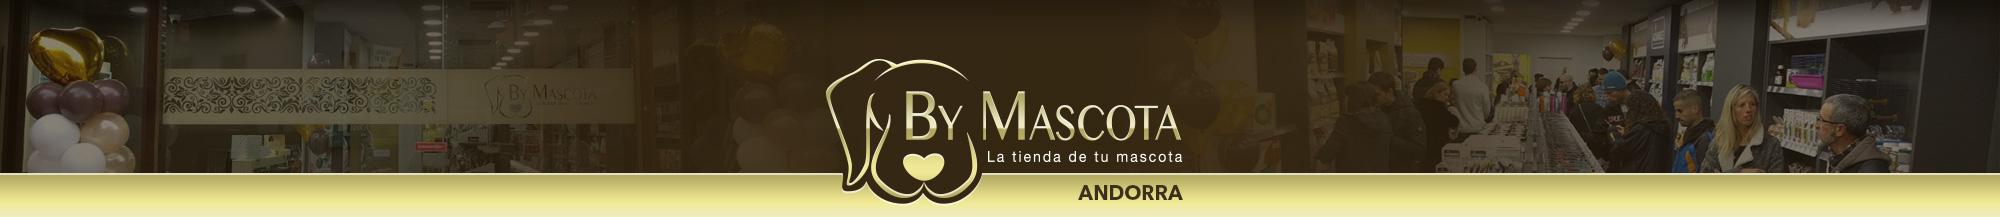 Tiendas mascotas Andorra